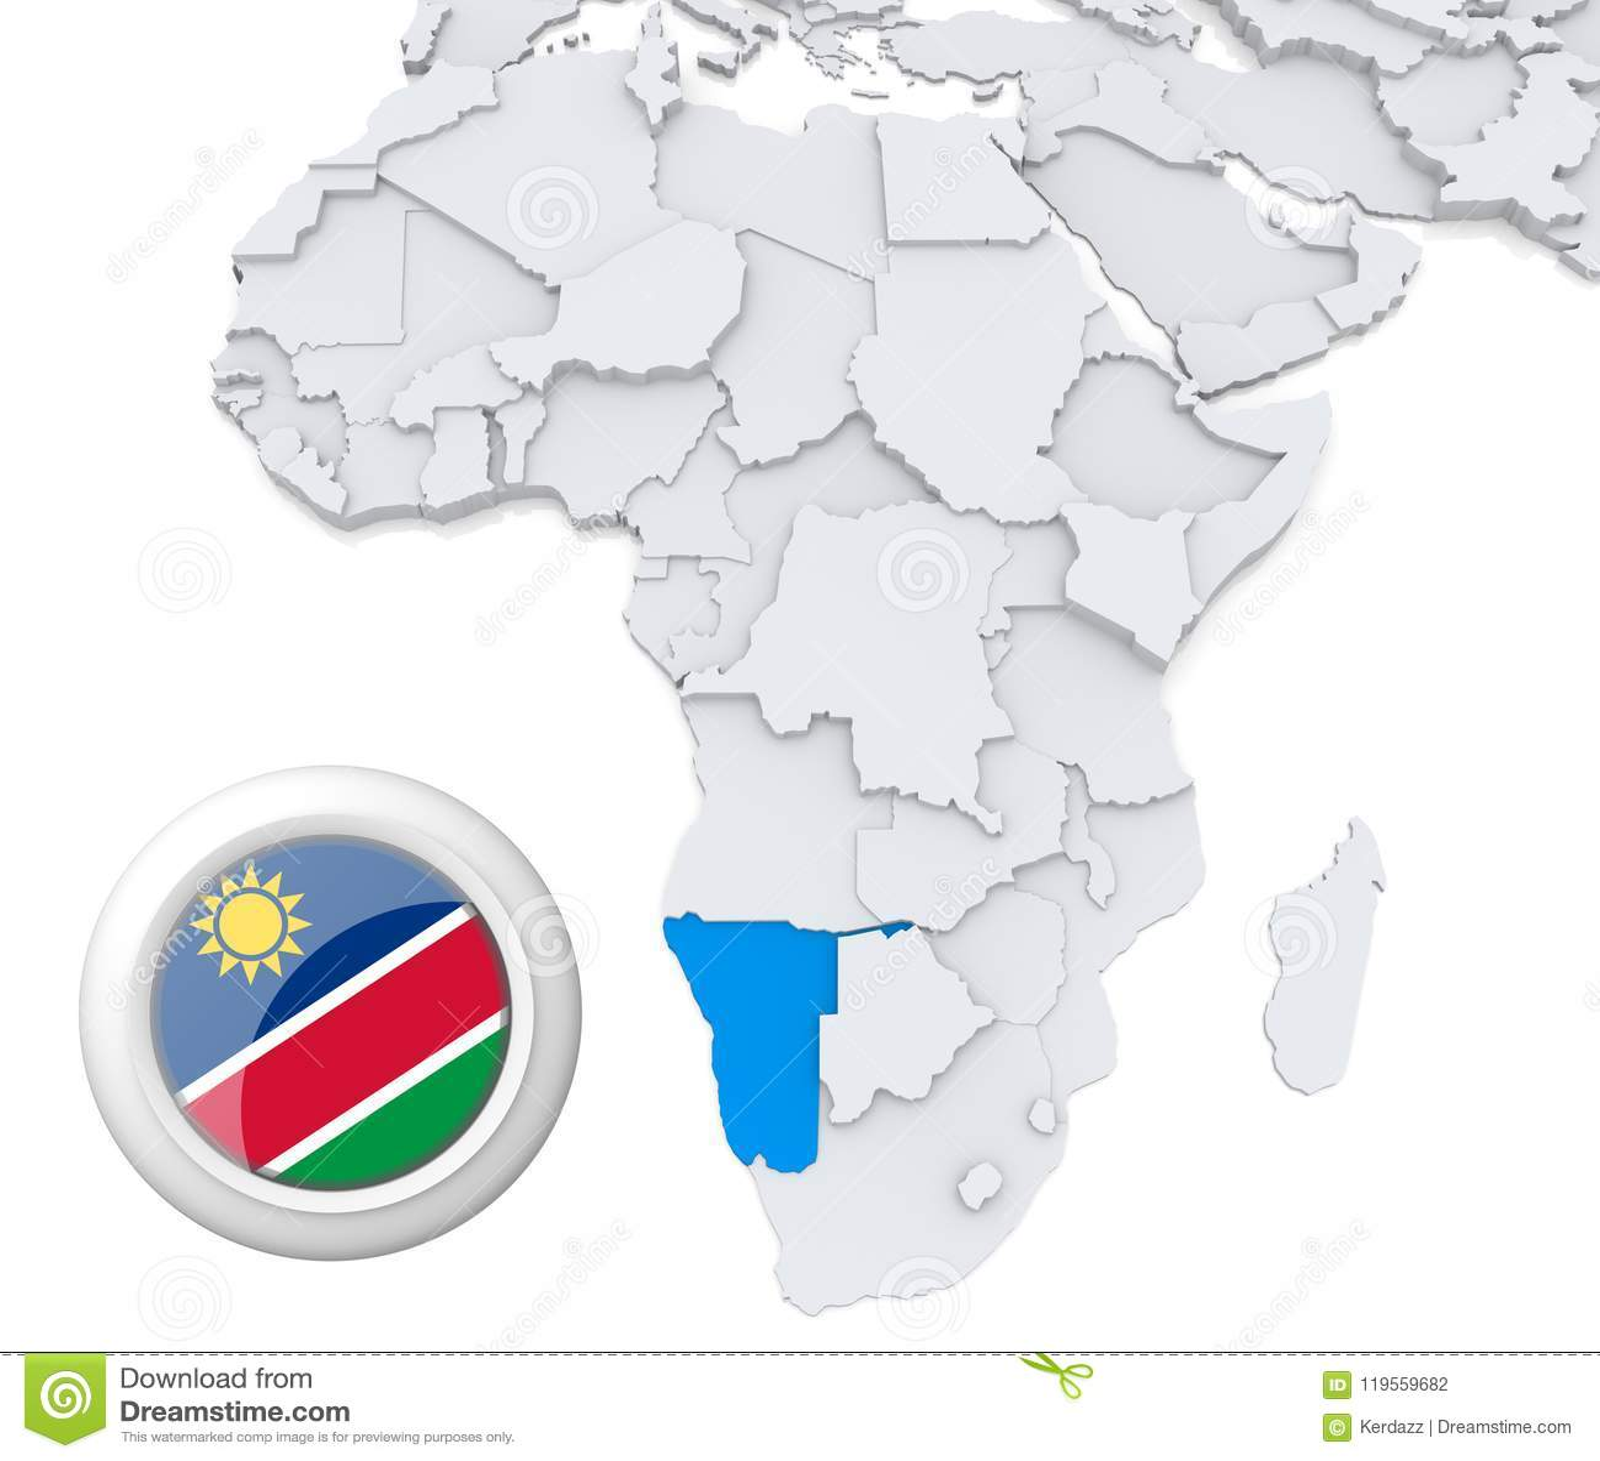 Namibia on Africa map stock illustration. Illustration of emblem ...